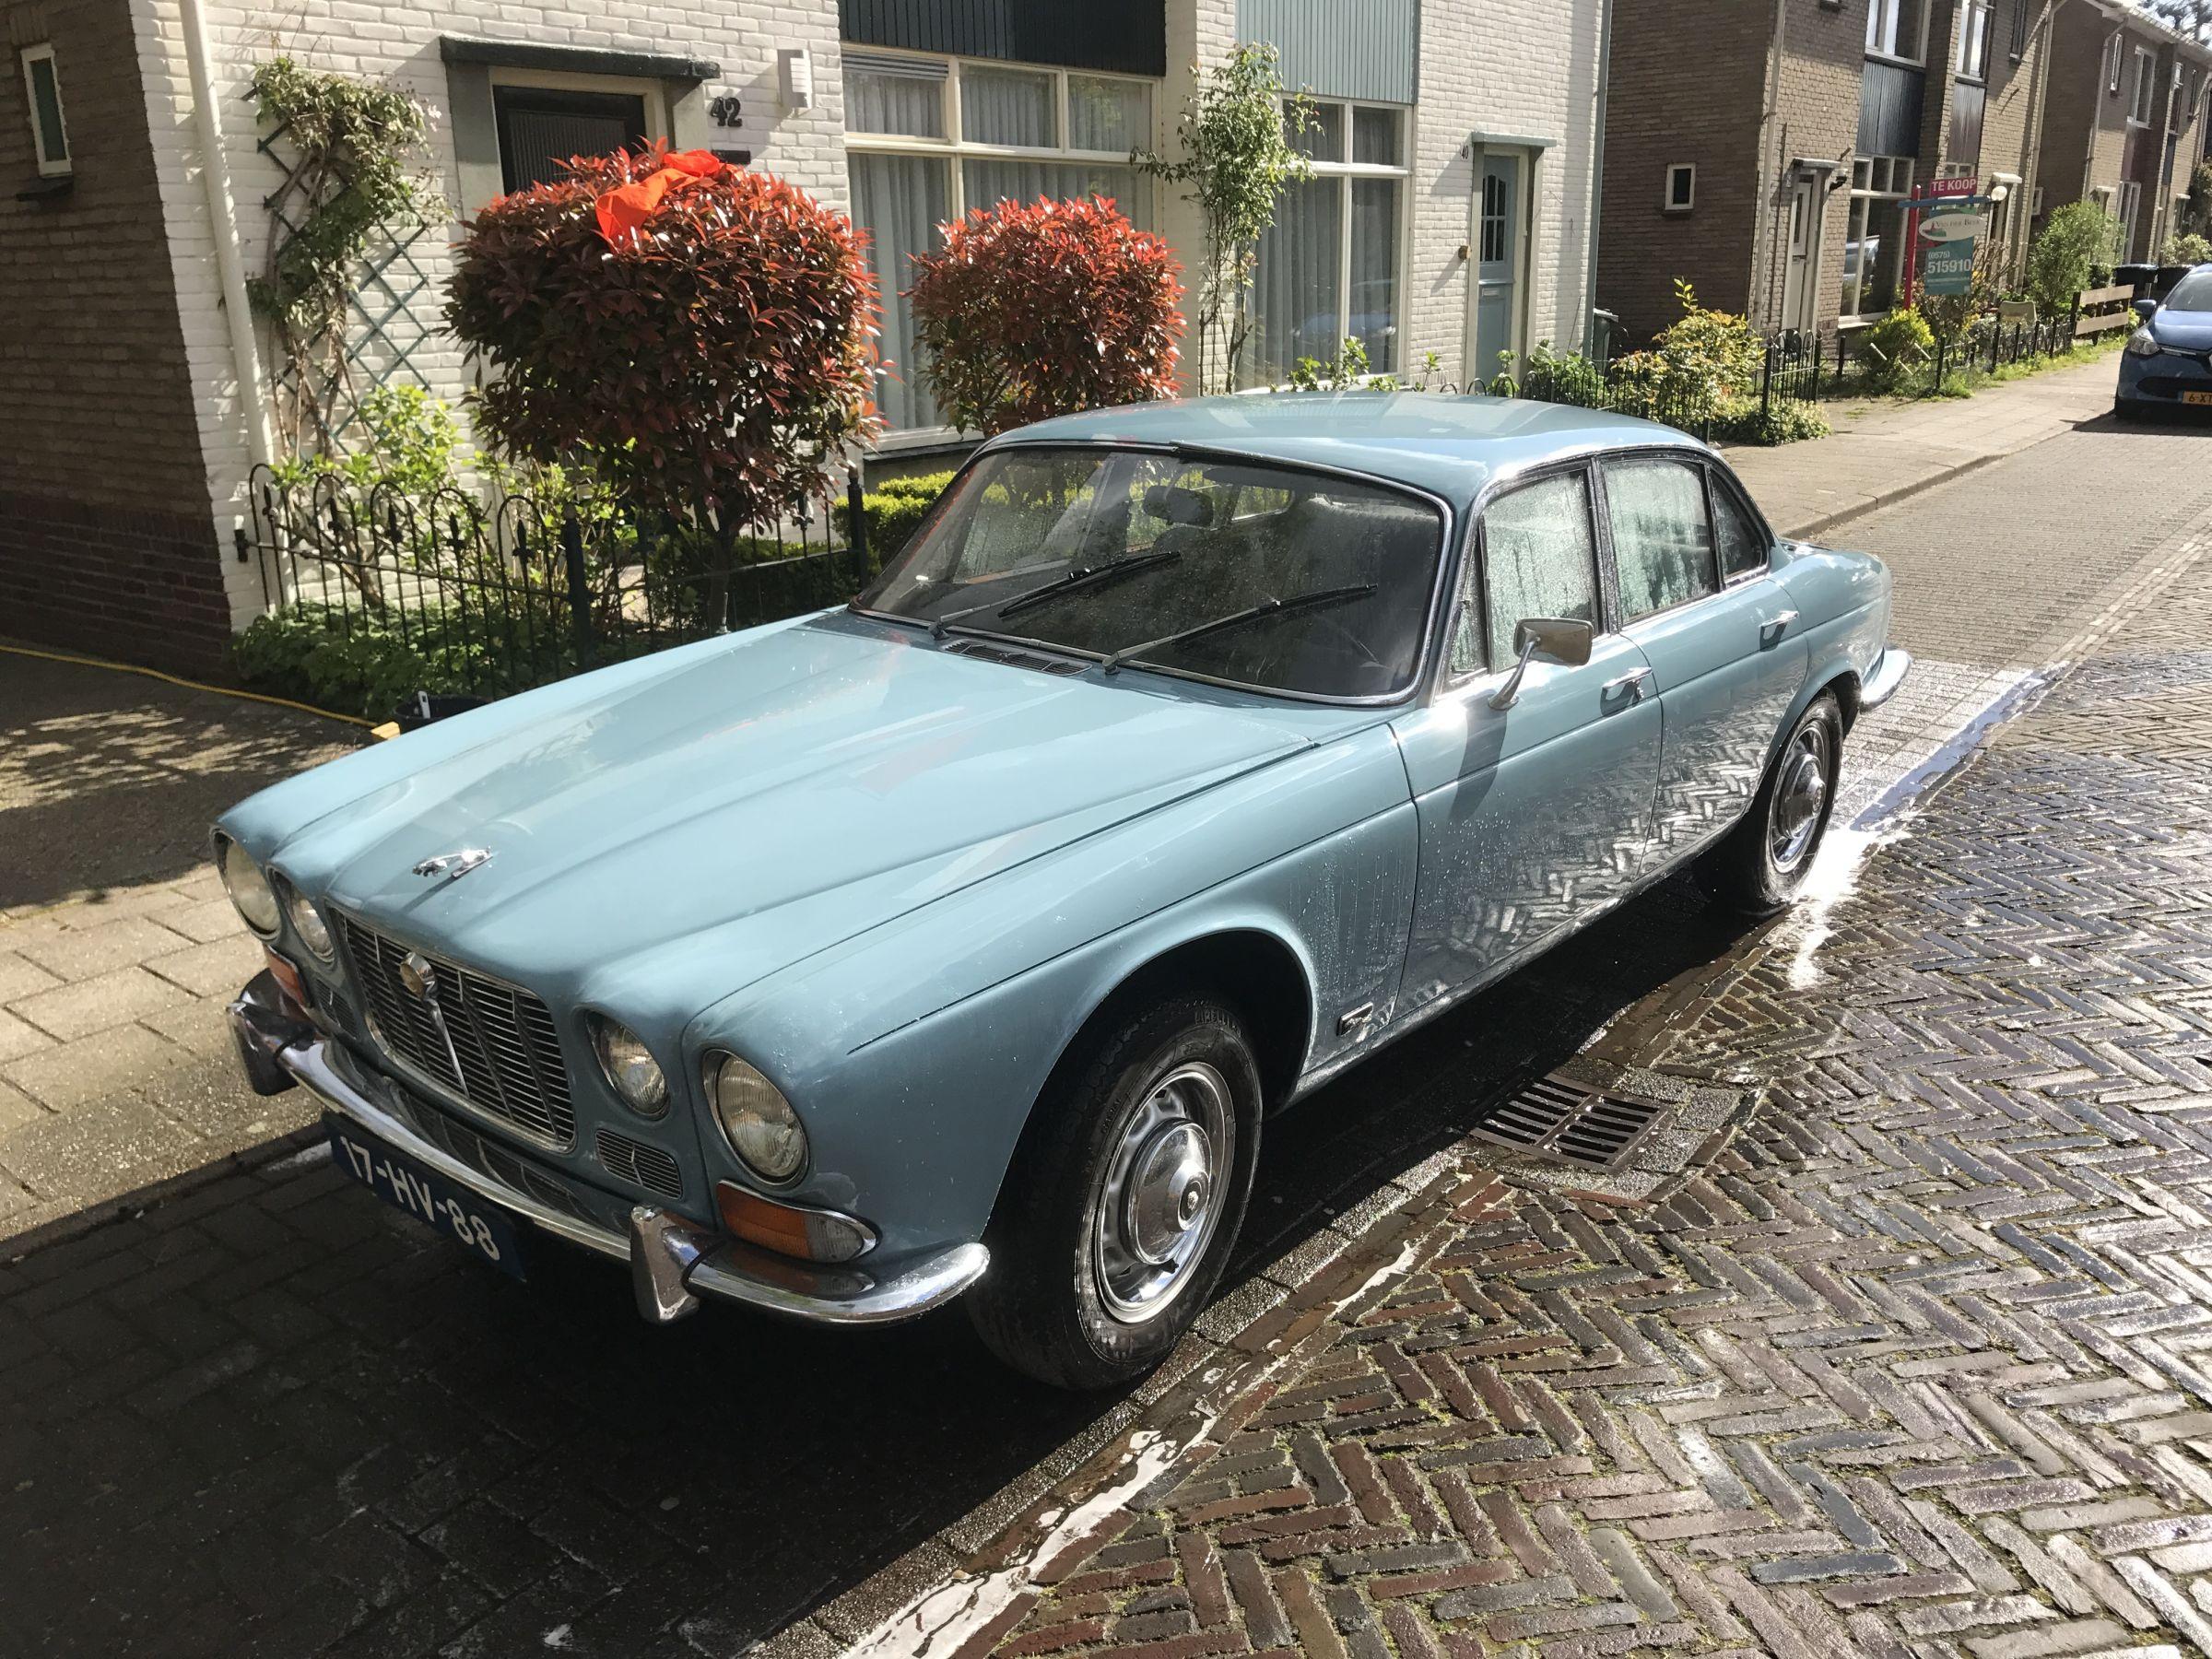 Baby Blue XJ Series 1 uit 1972